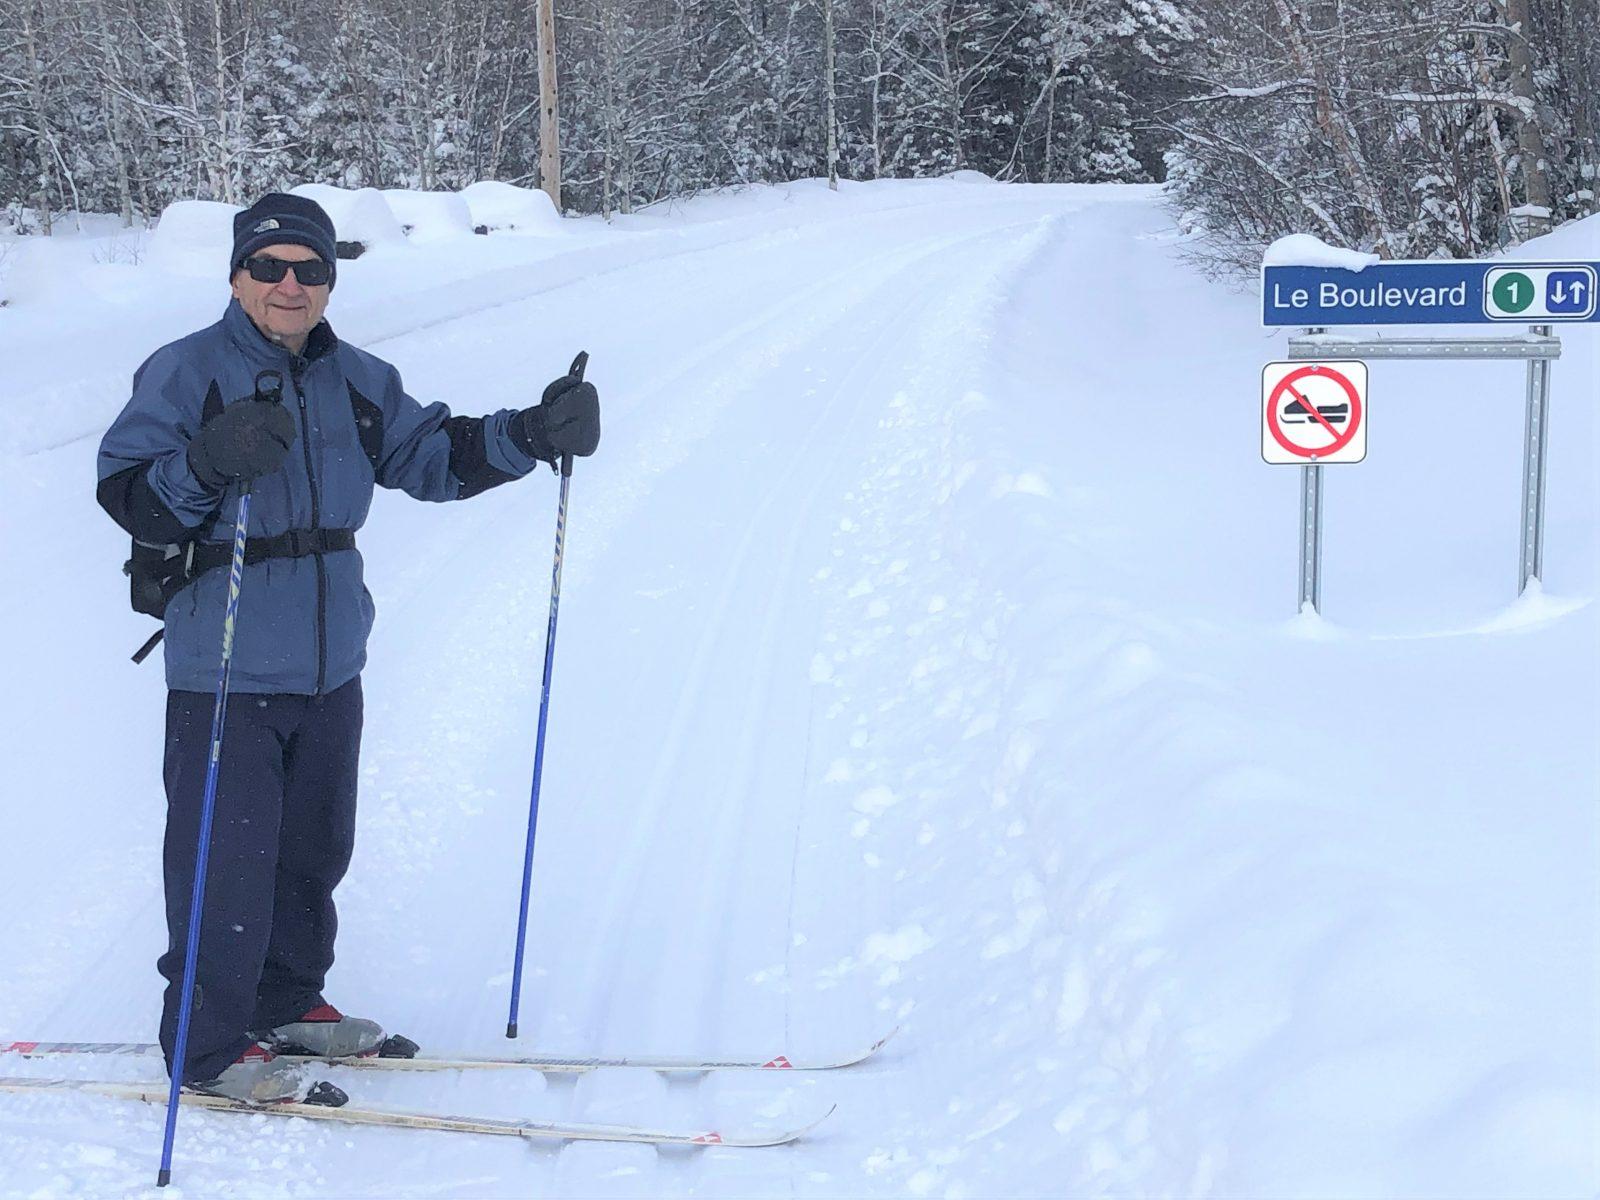 Conrad O'Leary, le grand patriarche du ski de fond